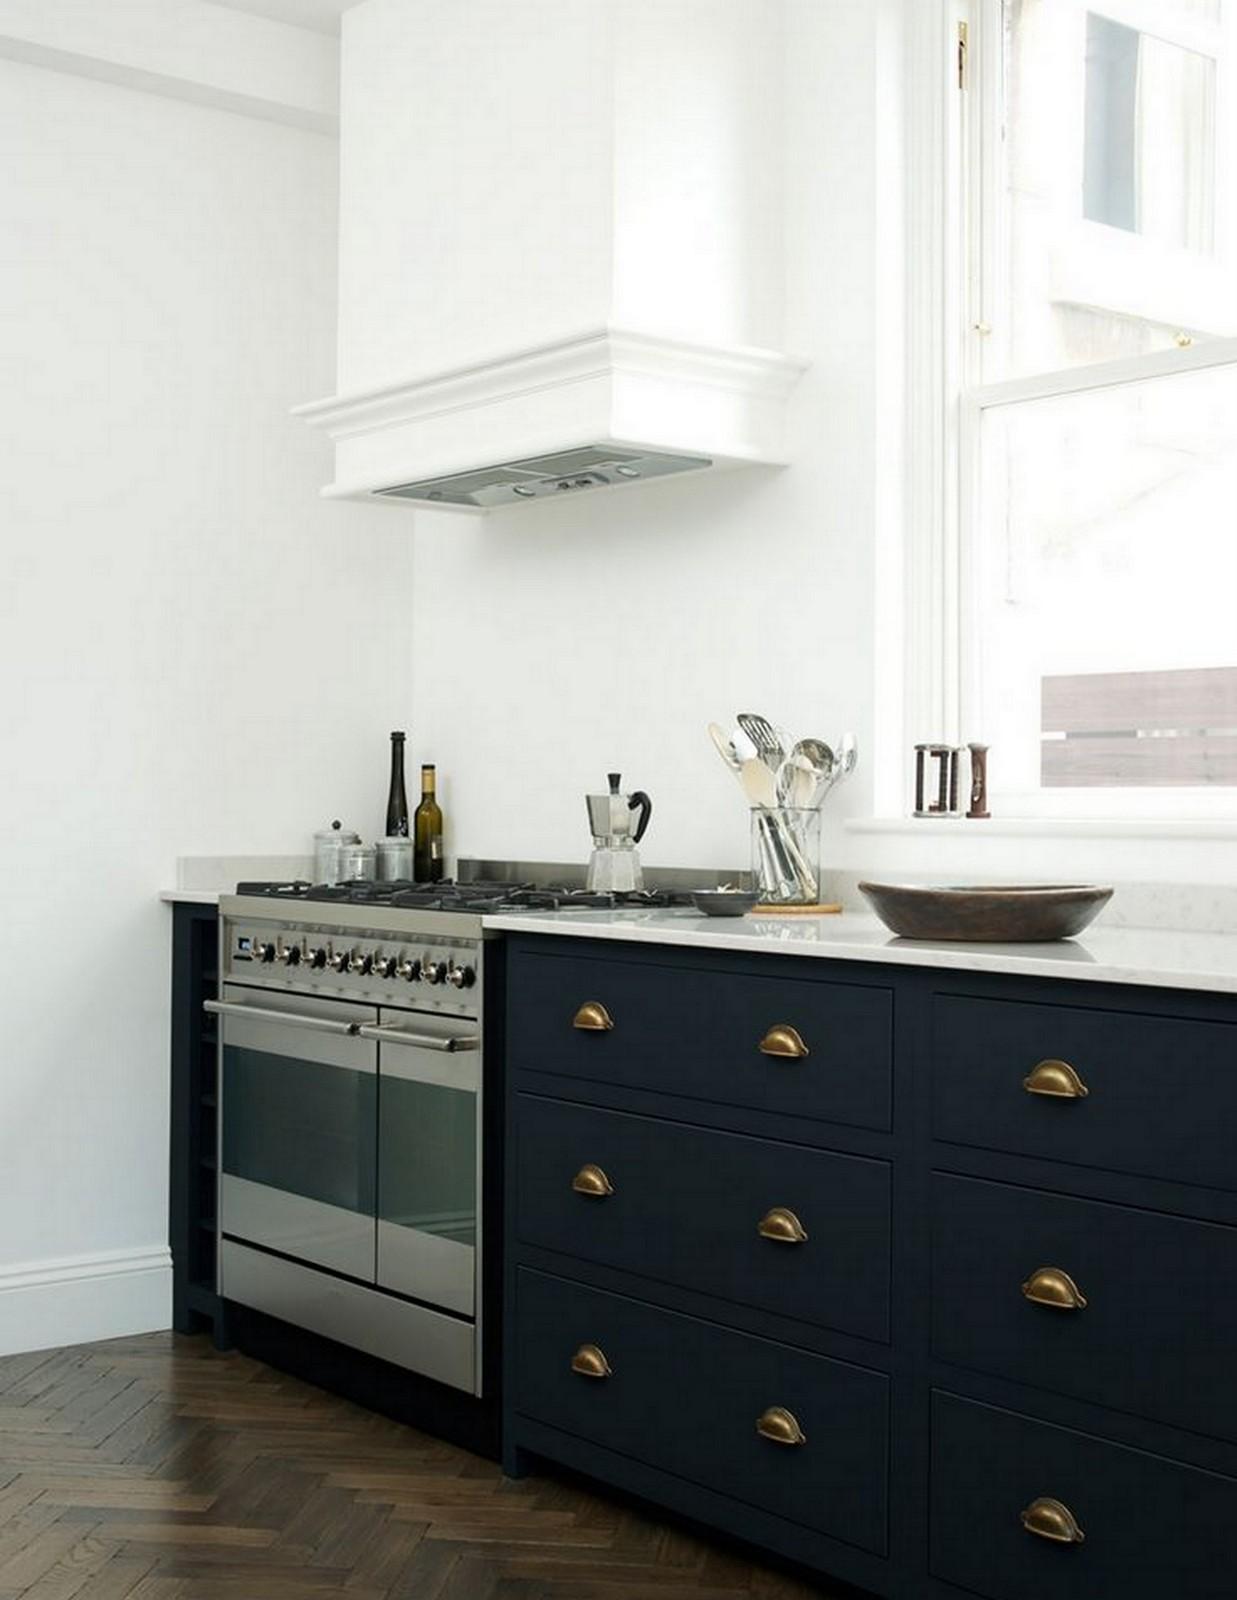 Black + White + Gold Kitchen :: House of Valentina